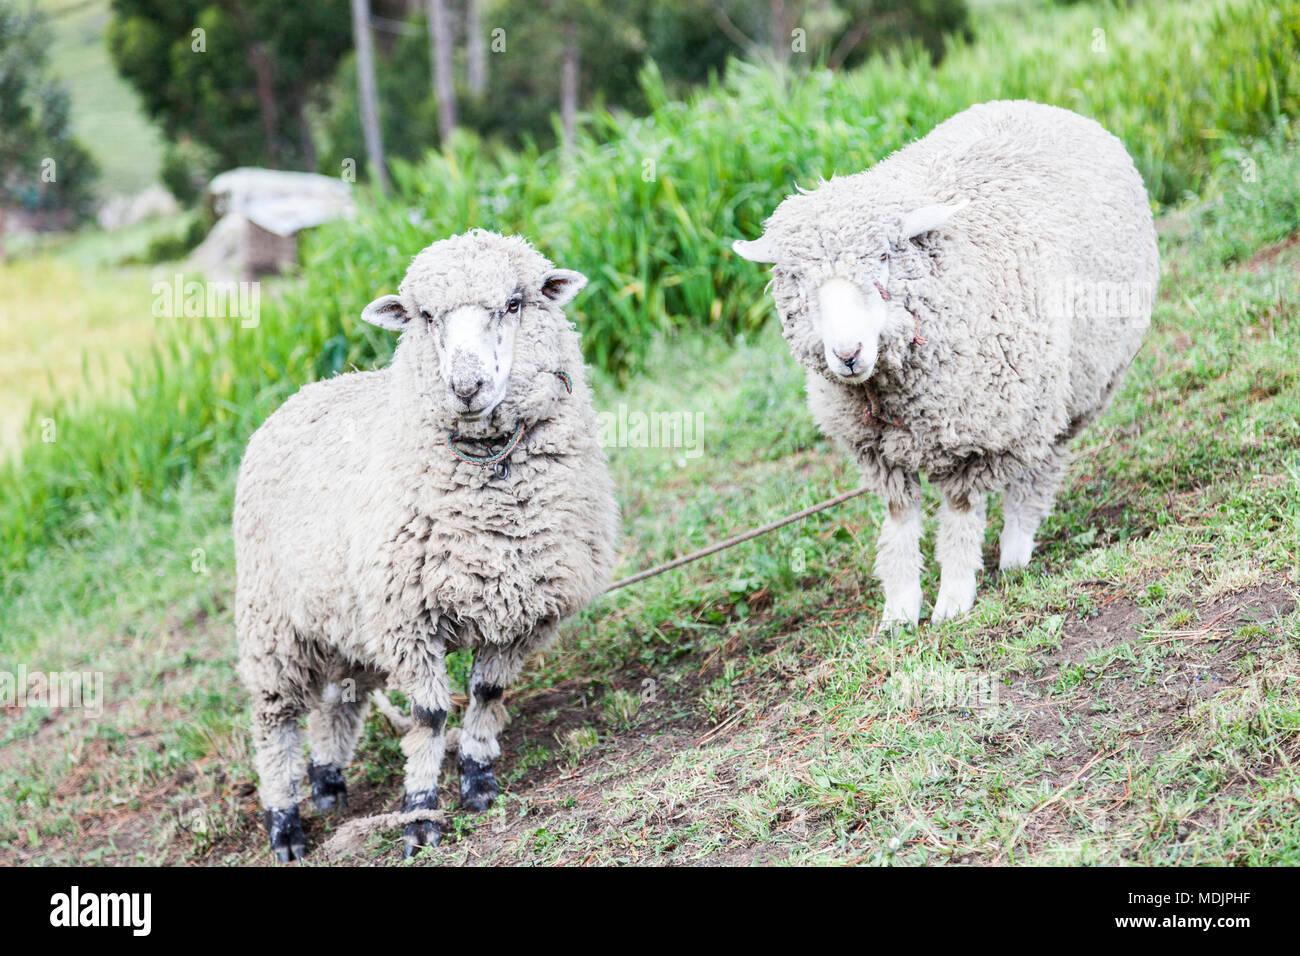 Schafe, die für Wolle und Fleisch um Zumbahua Provinz Cotopaxi, Ecuador Stockbild